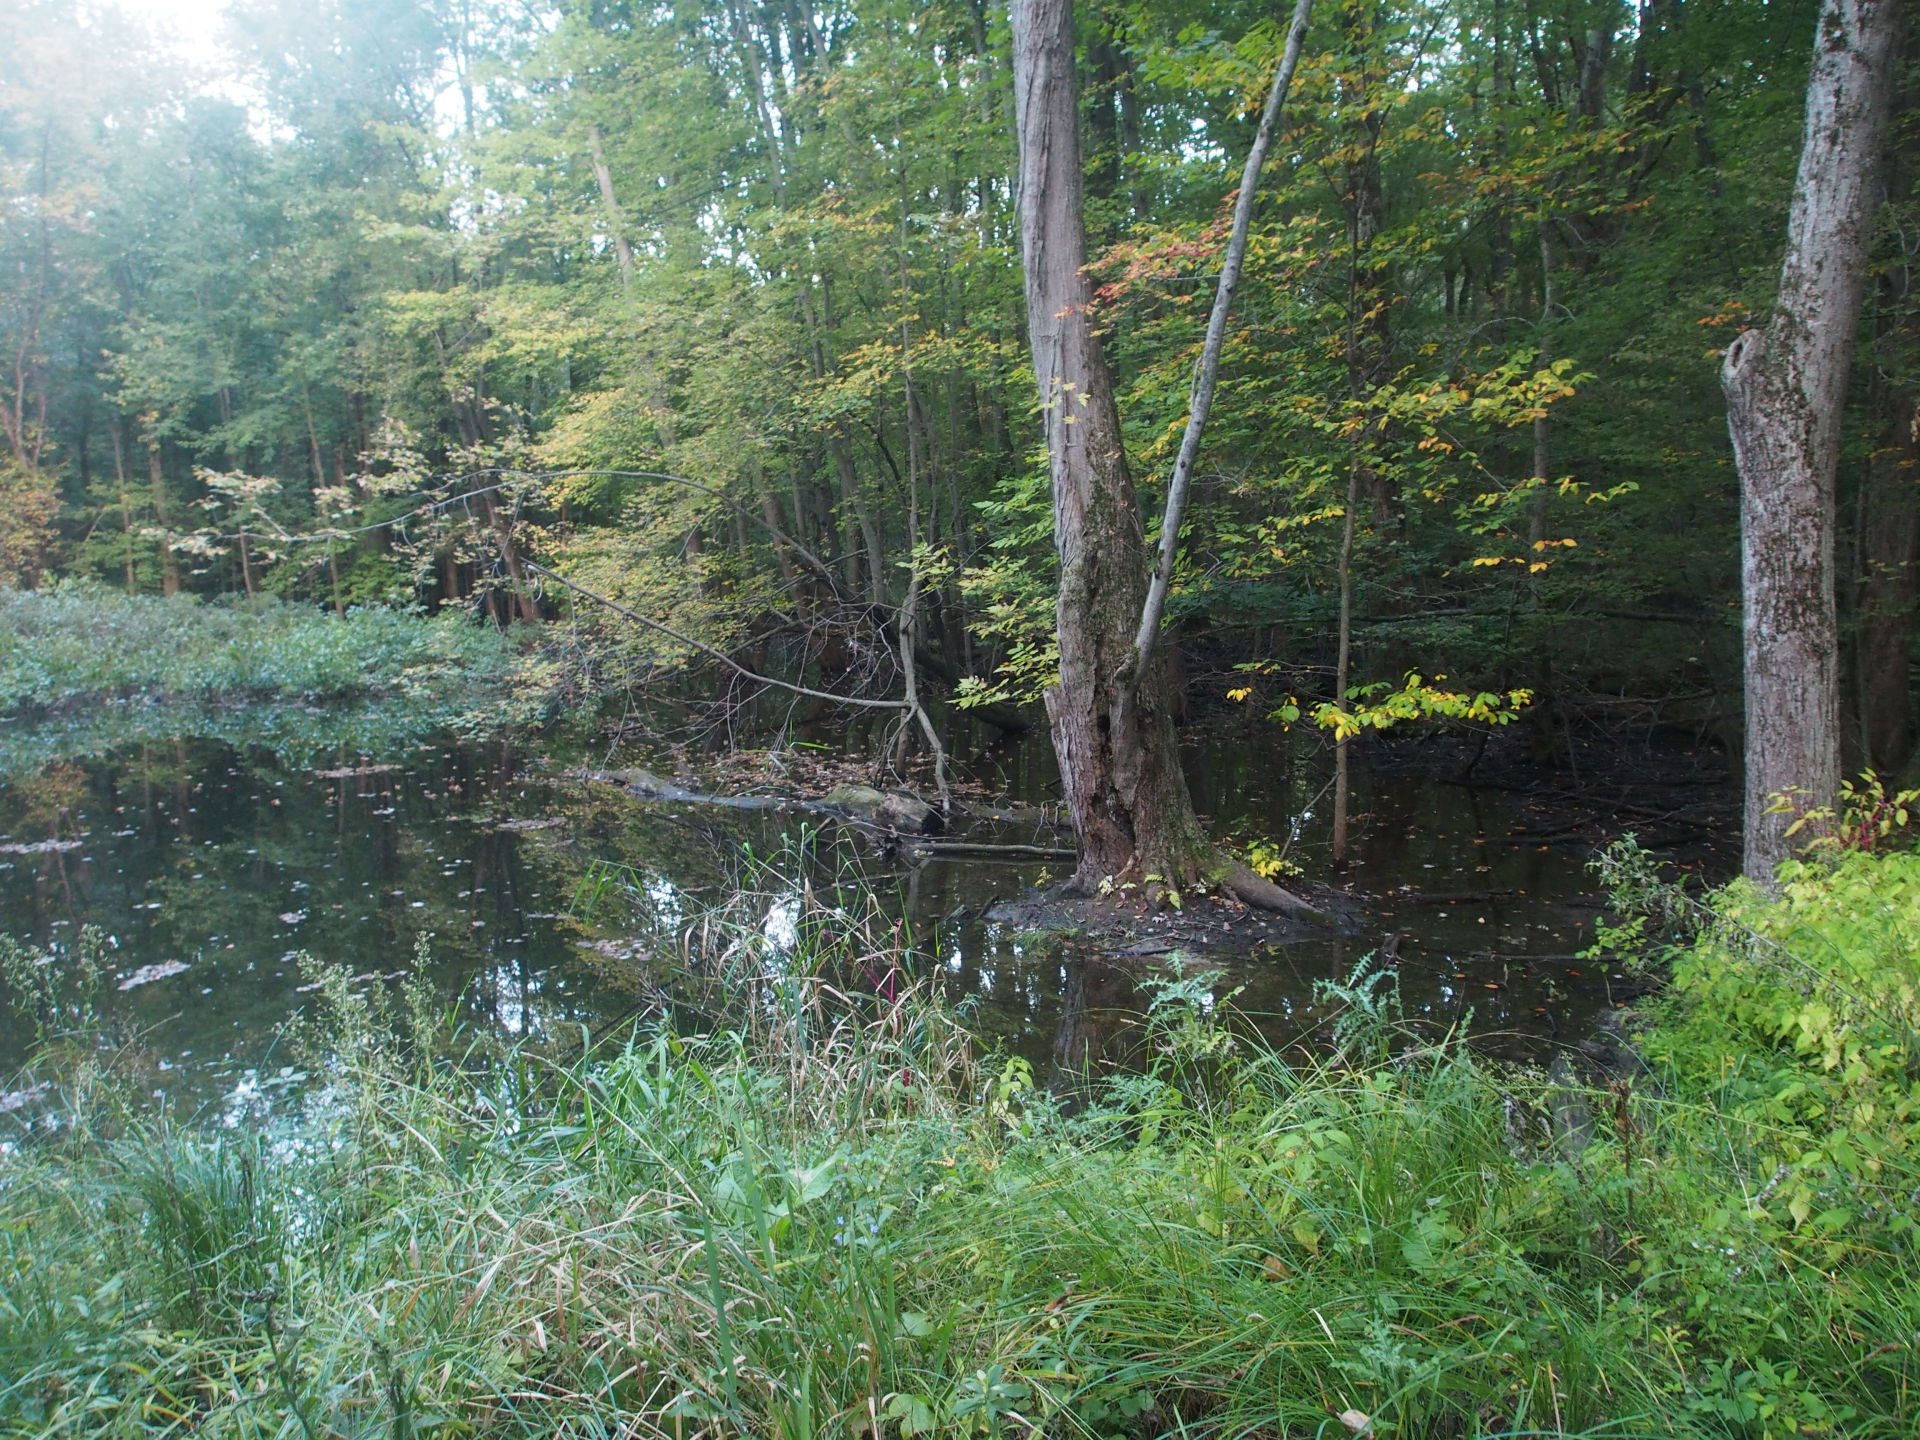 Wetlands in the woods